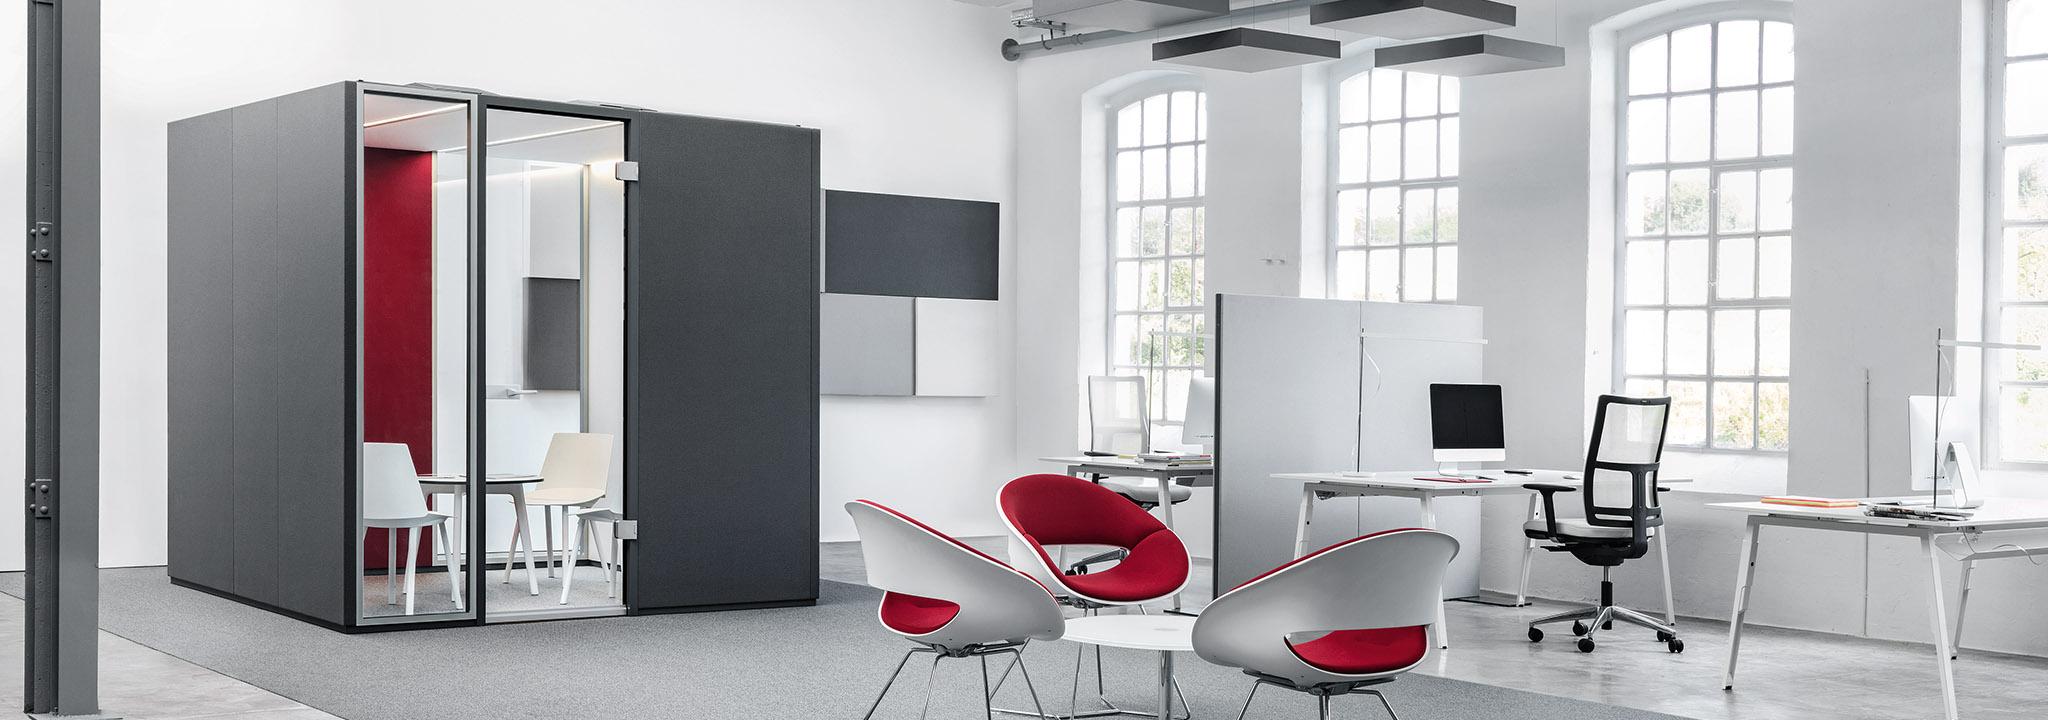 Akustik im Büro: Lösungen gegen Lärm und Hall findet ALLTEC Bürokonzept